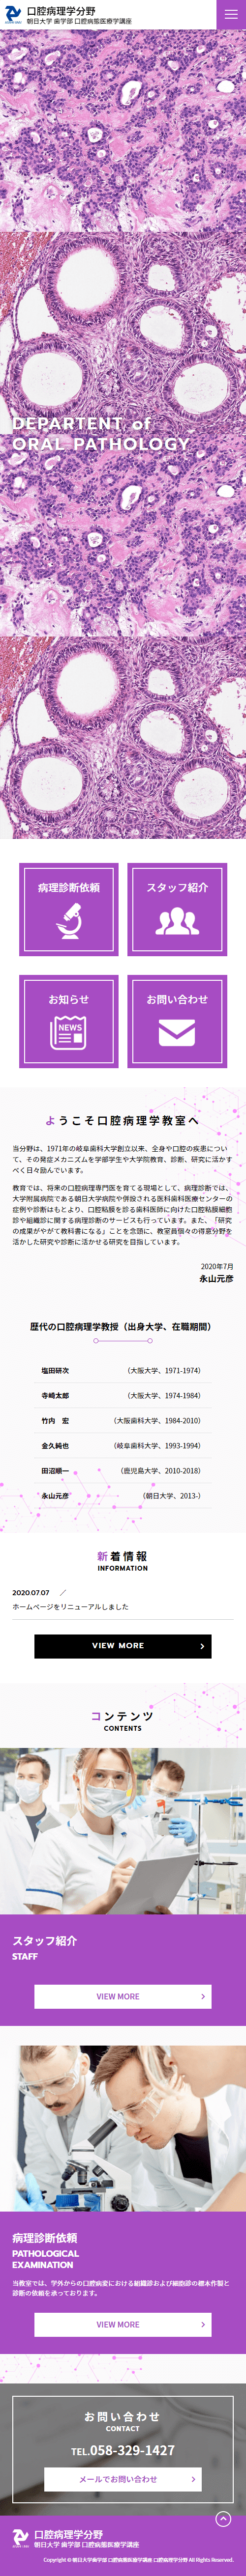 口腔病理学分野 朝日大学 歯学部 口腔病態医療学講座